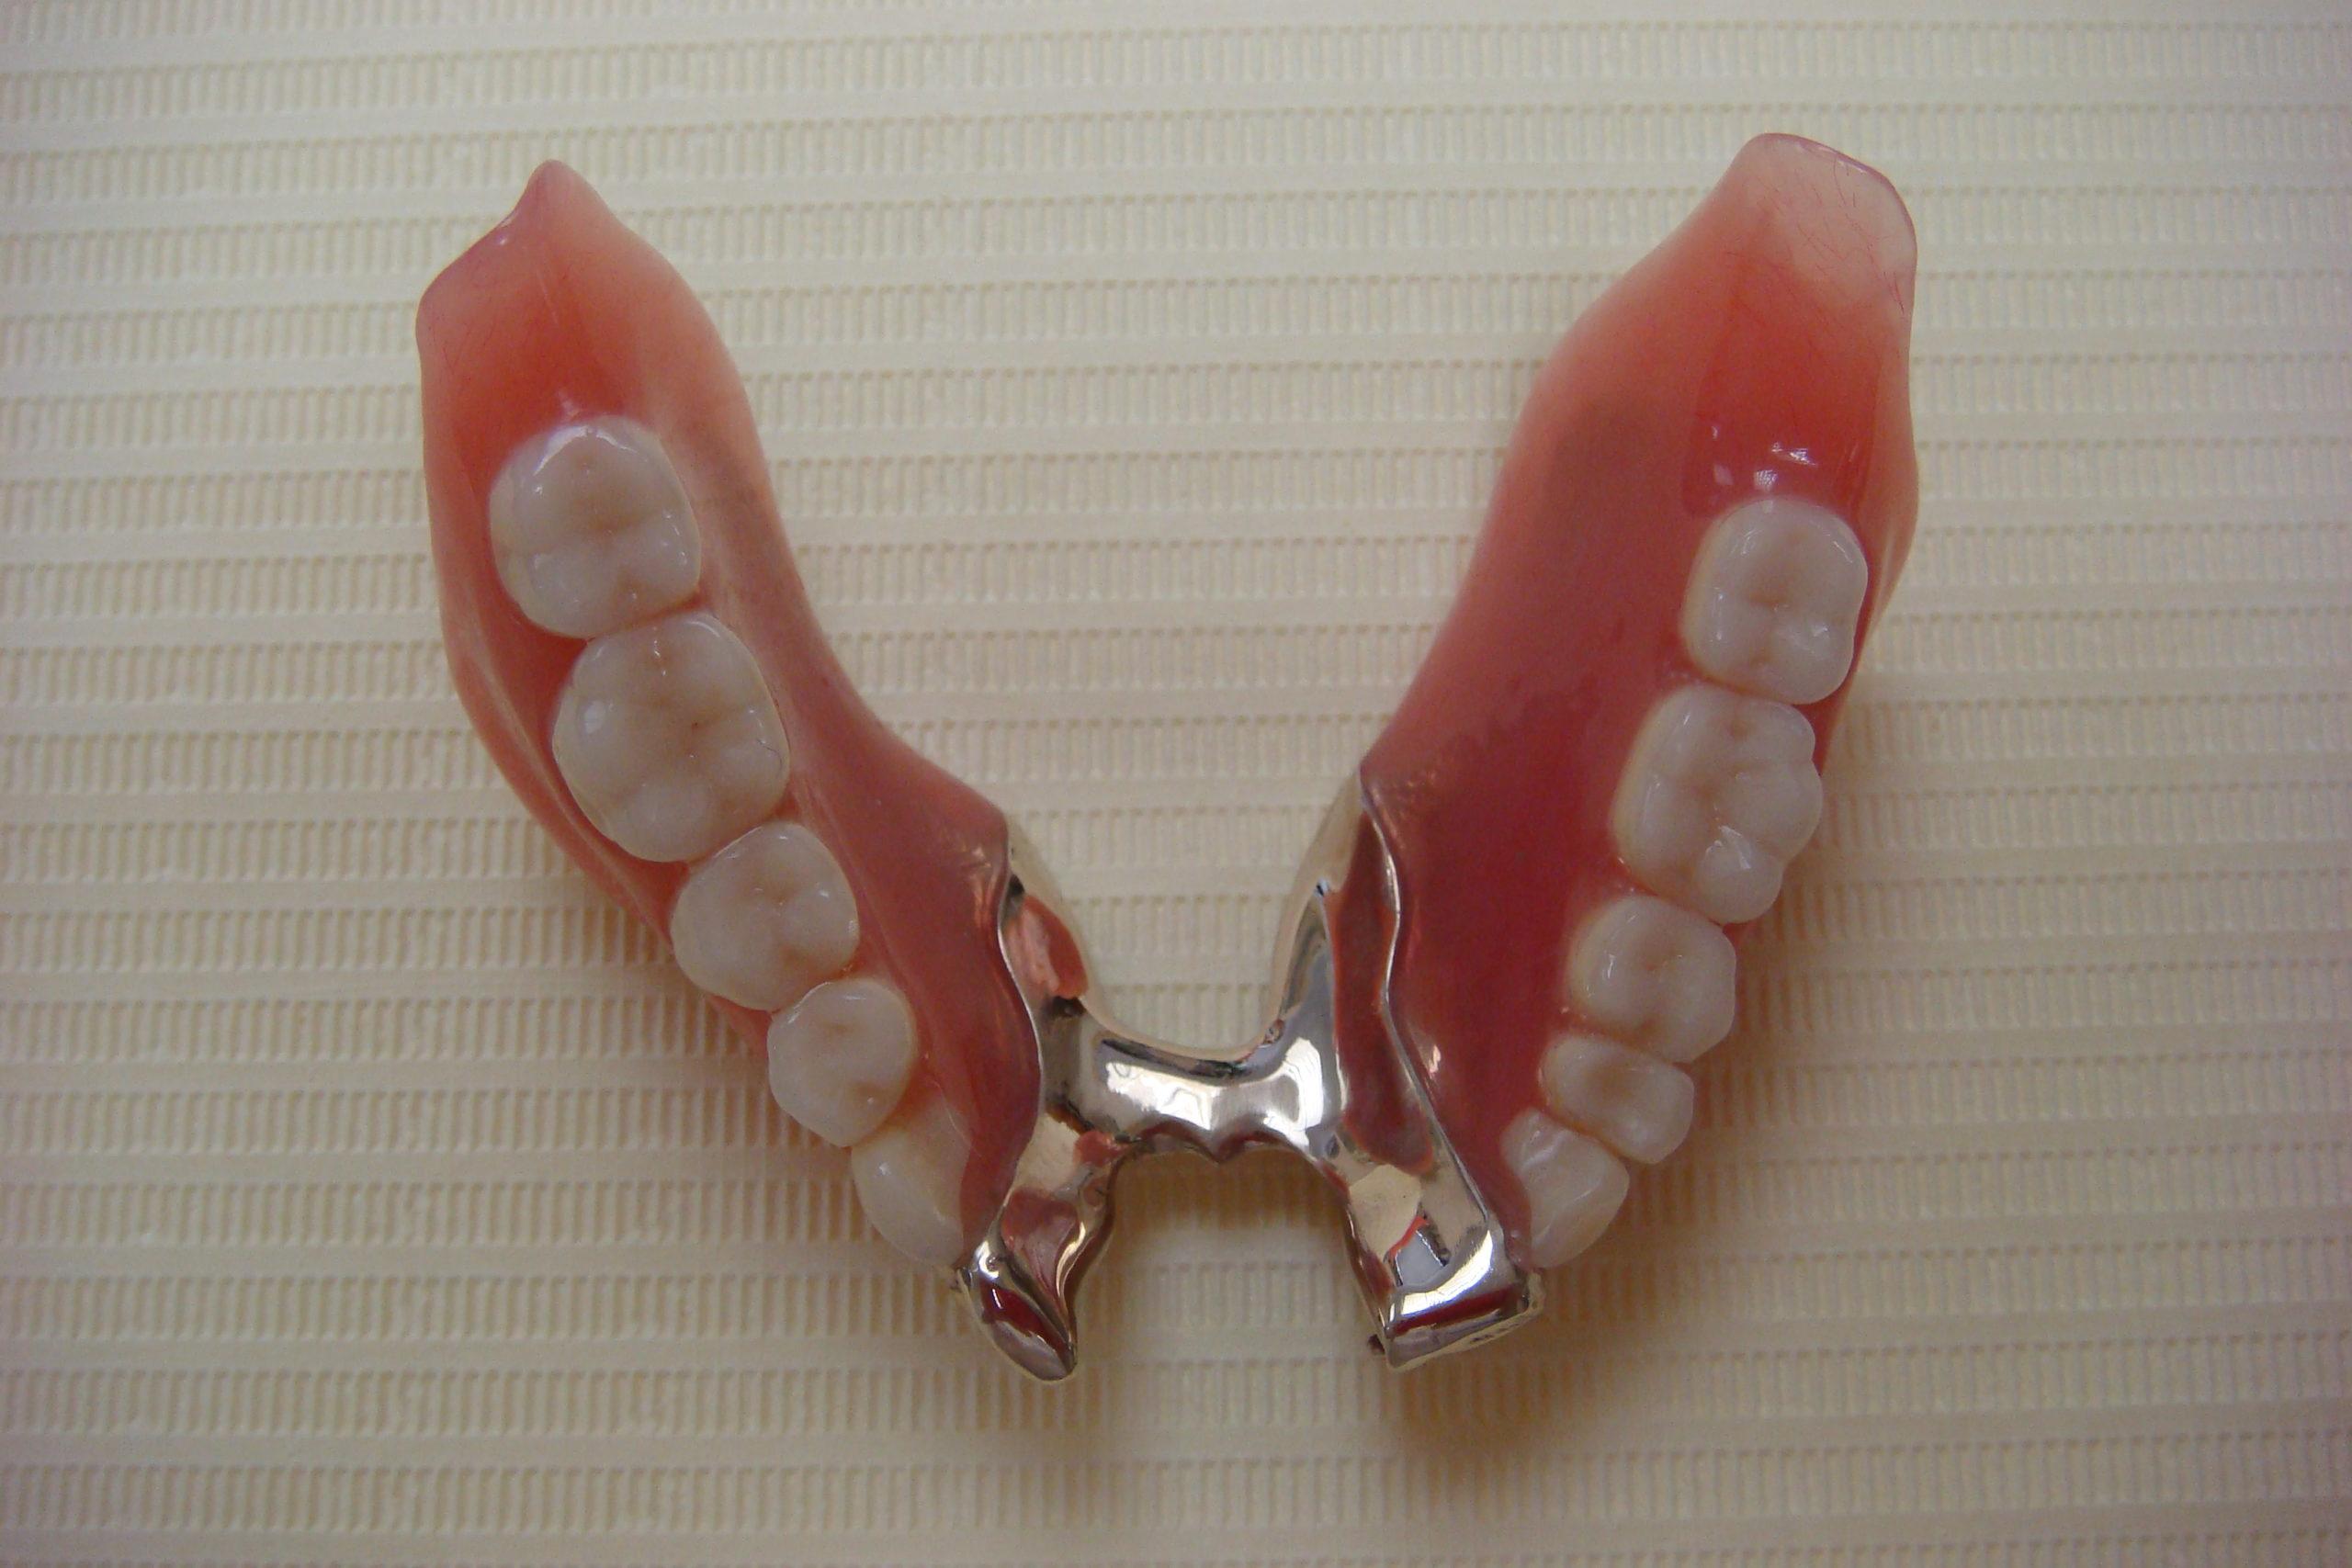 """下顎の金属床の部分入れ歯 scaled - <span style=""""font-family: serif;"""">入れ歯"""